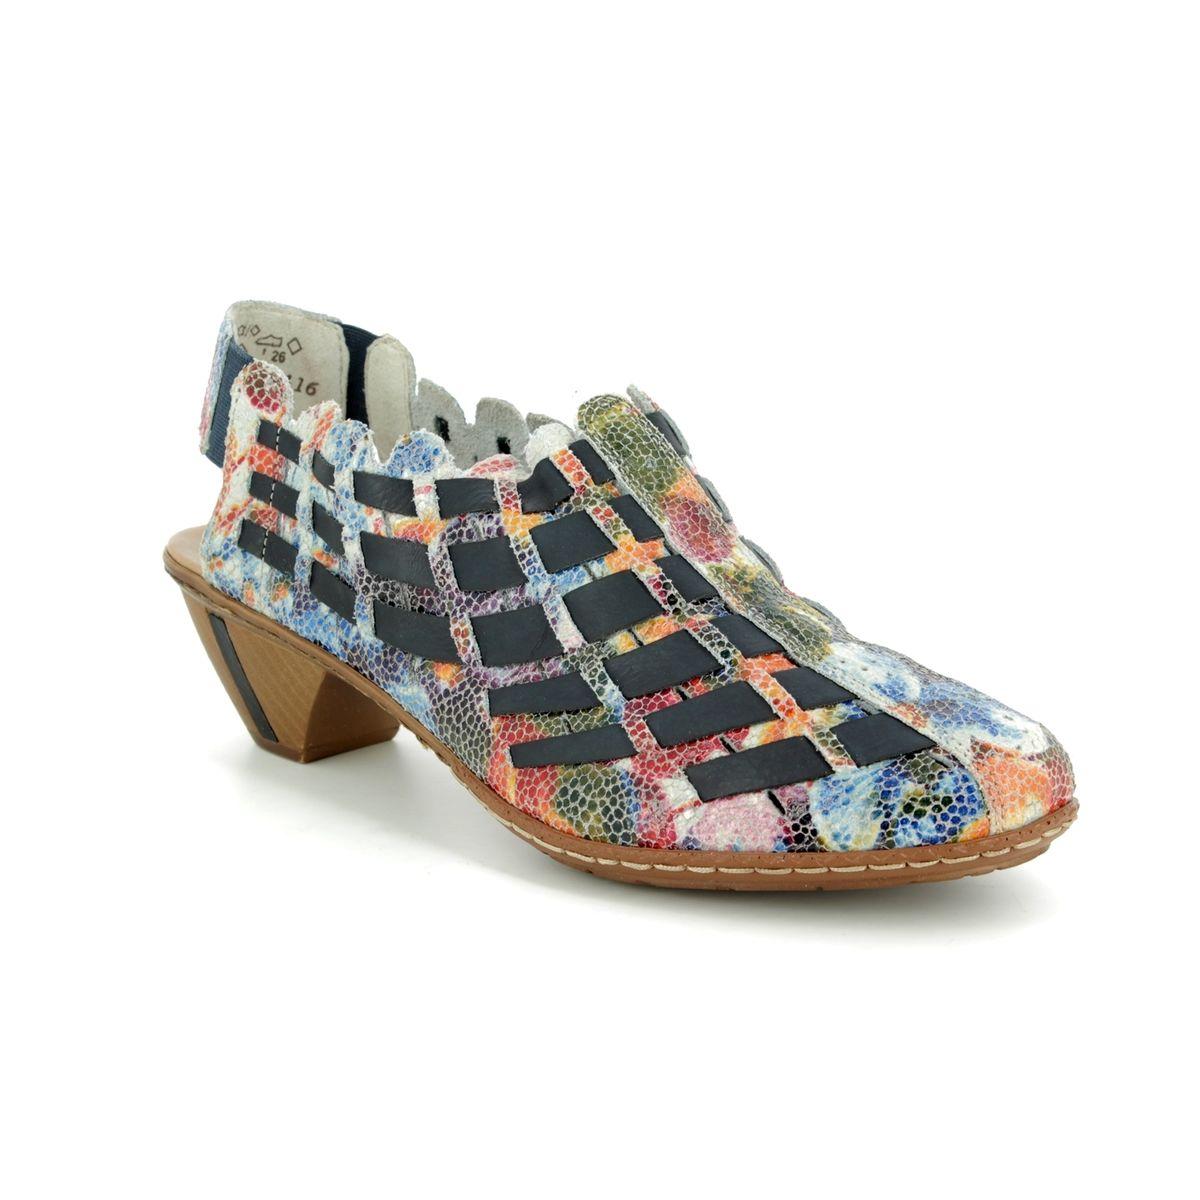 Genieße den niedrigsten Preis gut Gutscheincodes 46778-91 Sina at Begg Shoes & Bags